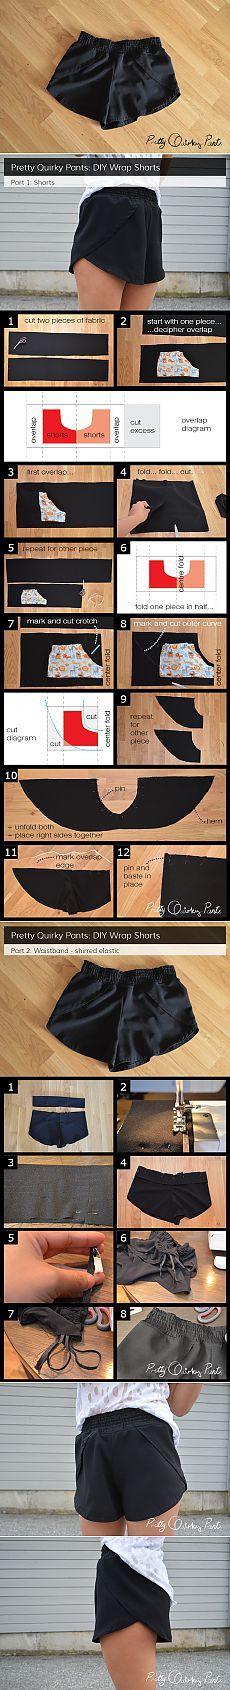 Как сшить шорты с лепестками (DiY) / Простые выкройки / Своими руками - выкройки, переделка одежды, декор интерьера своими руками - от ВТОРАЯ УЛИЦА